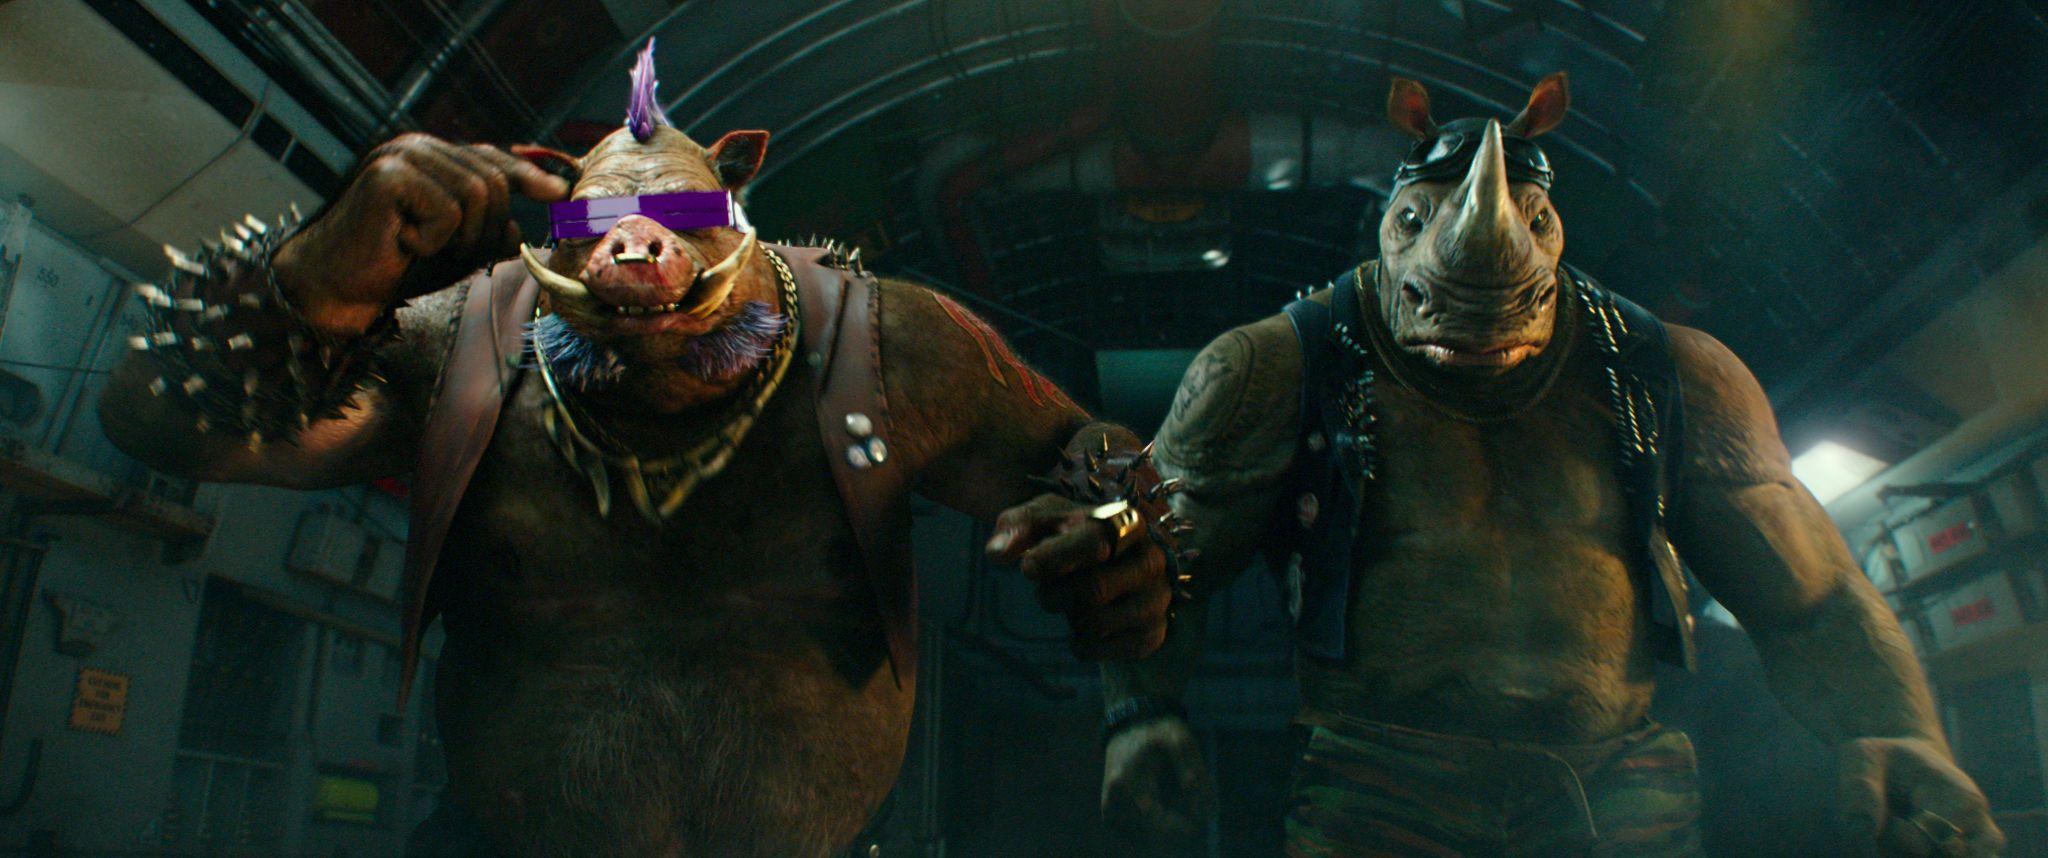 Teenage Mutant Ninja Turtles 2 New Trailer Has Jokes Collider